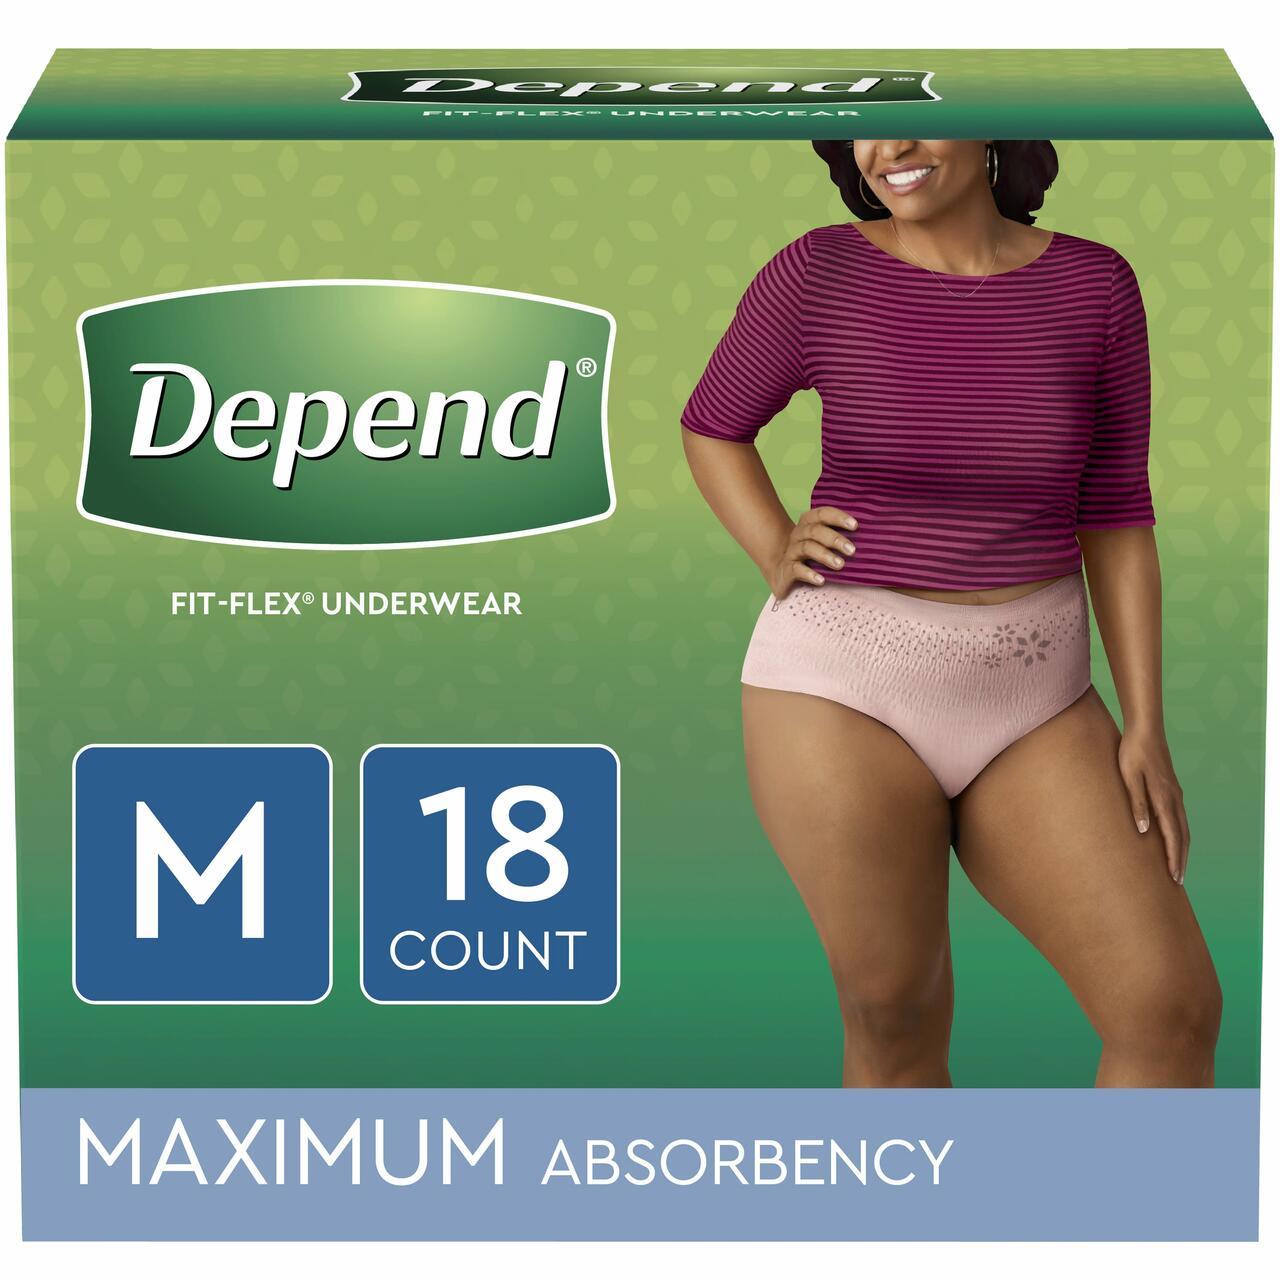 Depend underwear for women